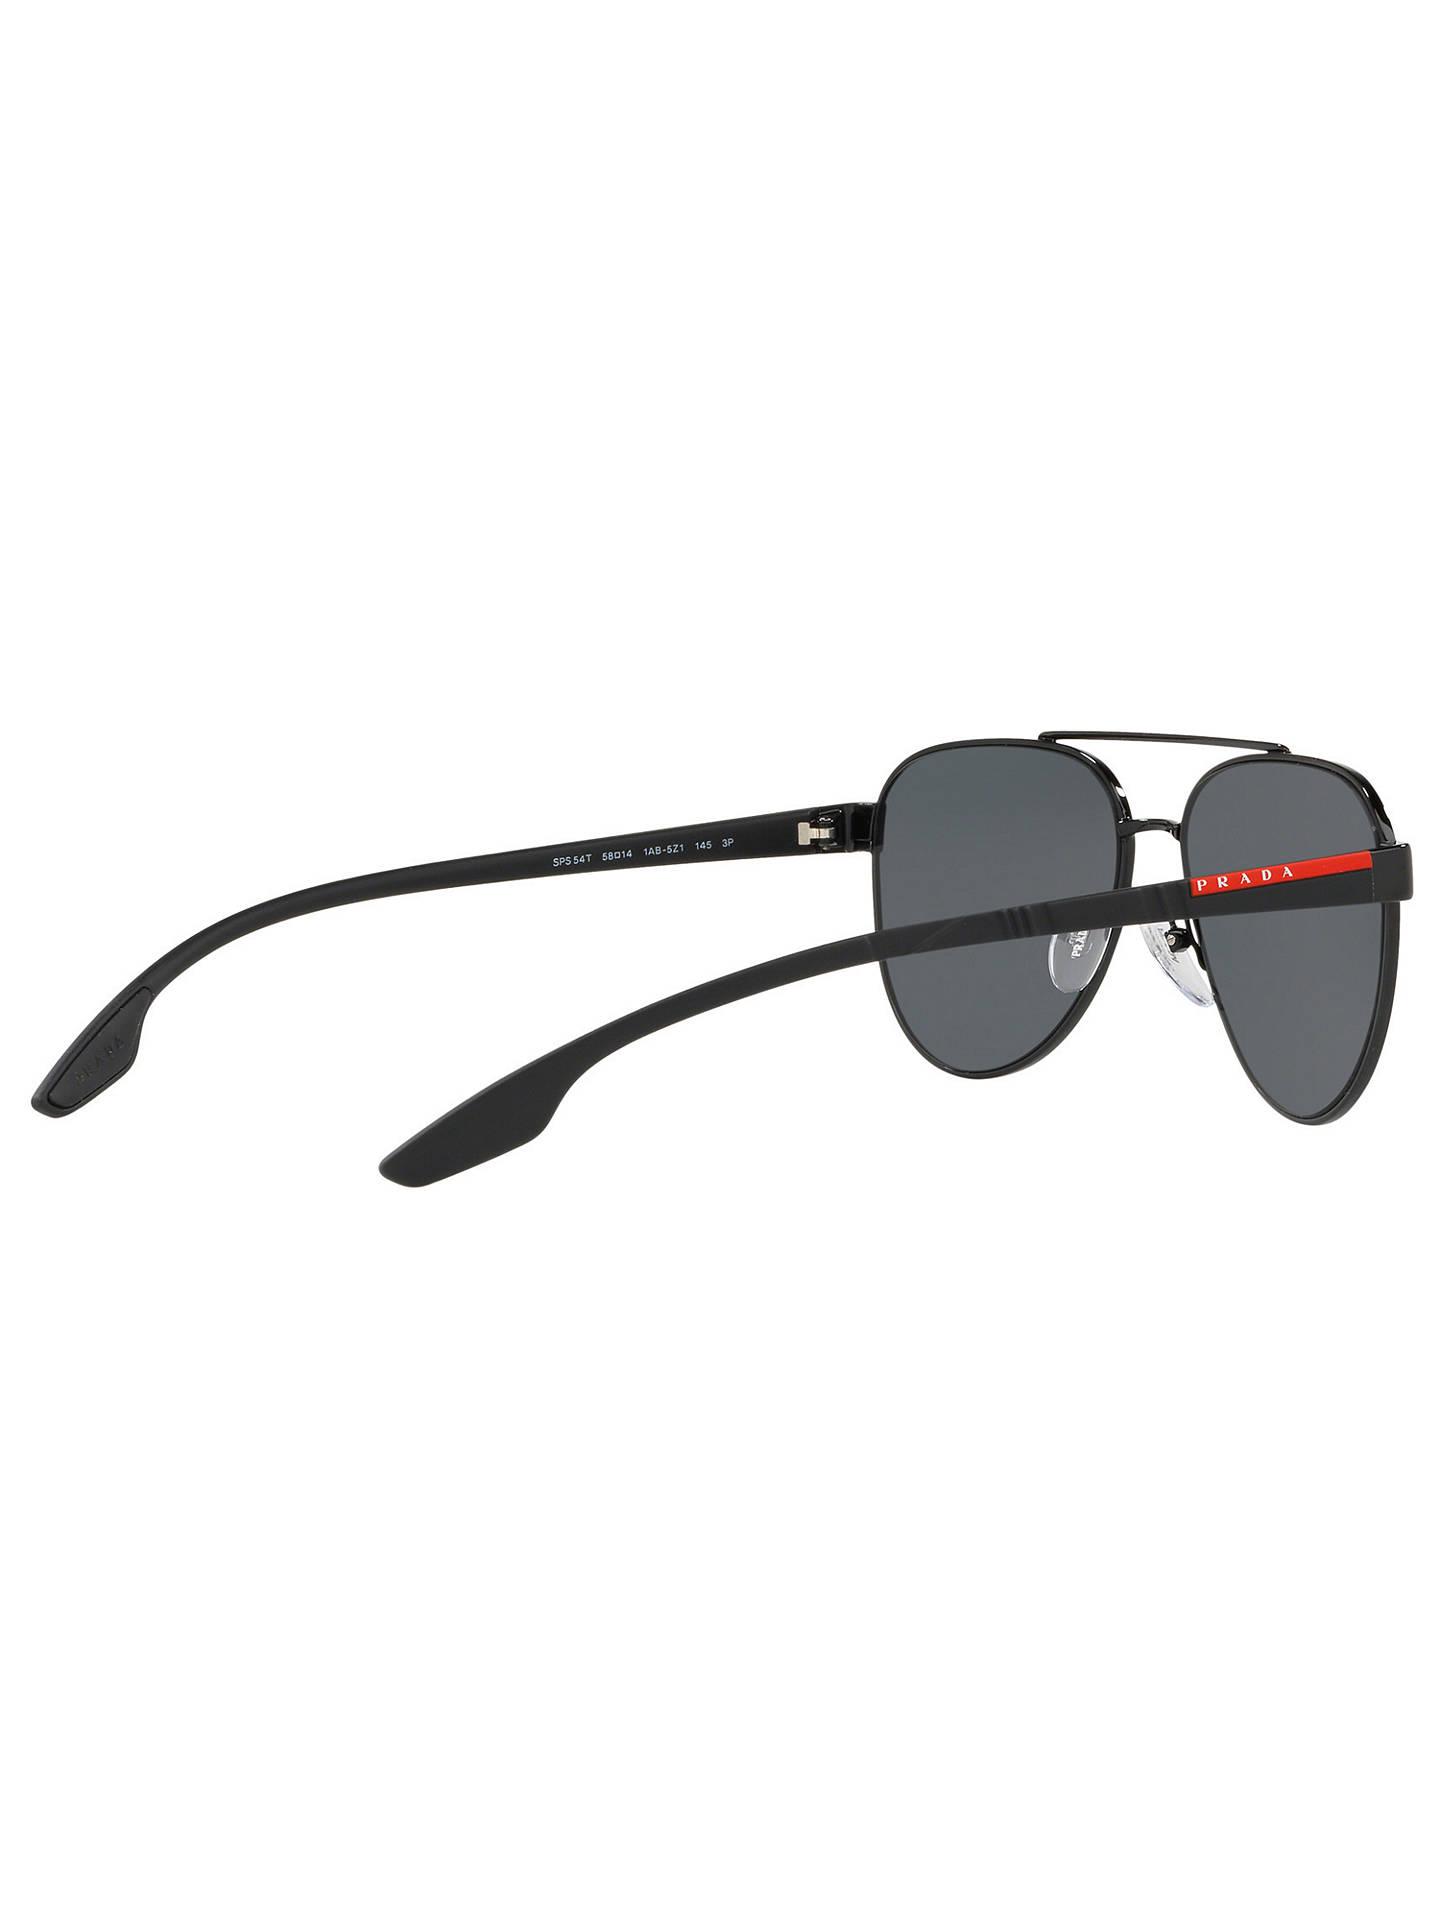 89539c3746eec Prada Linea Rossa PS 54TS Men s Polarised Aviator Sunglasses at John ...